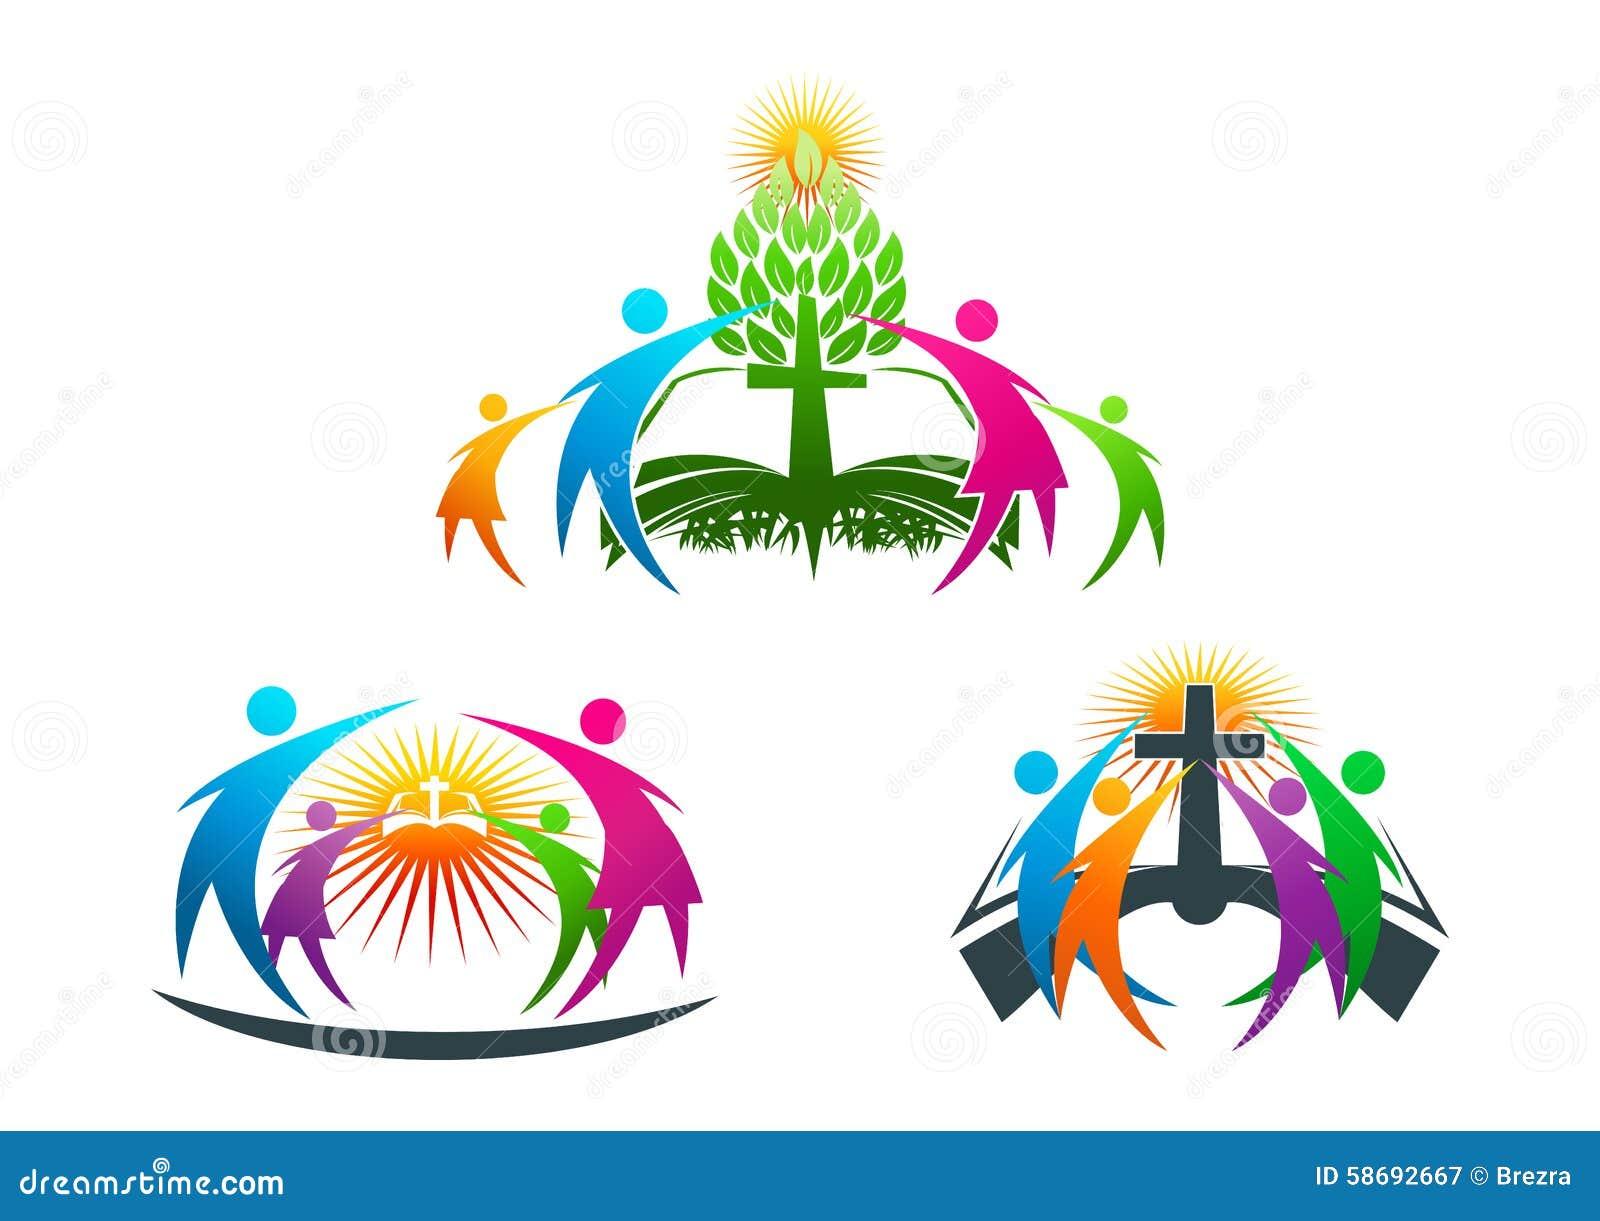 Bijbel, mensen, boom, wortel, christen, embleem, familie, boek, kerk, vector, symbool, ontwerp